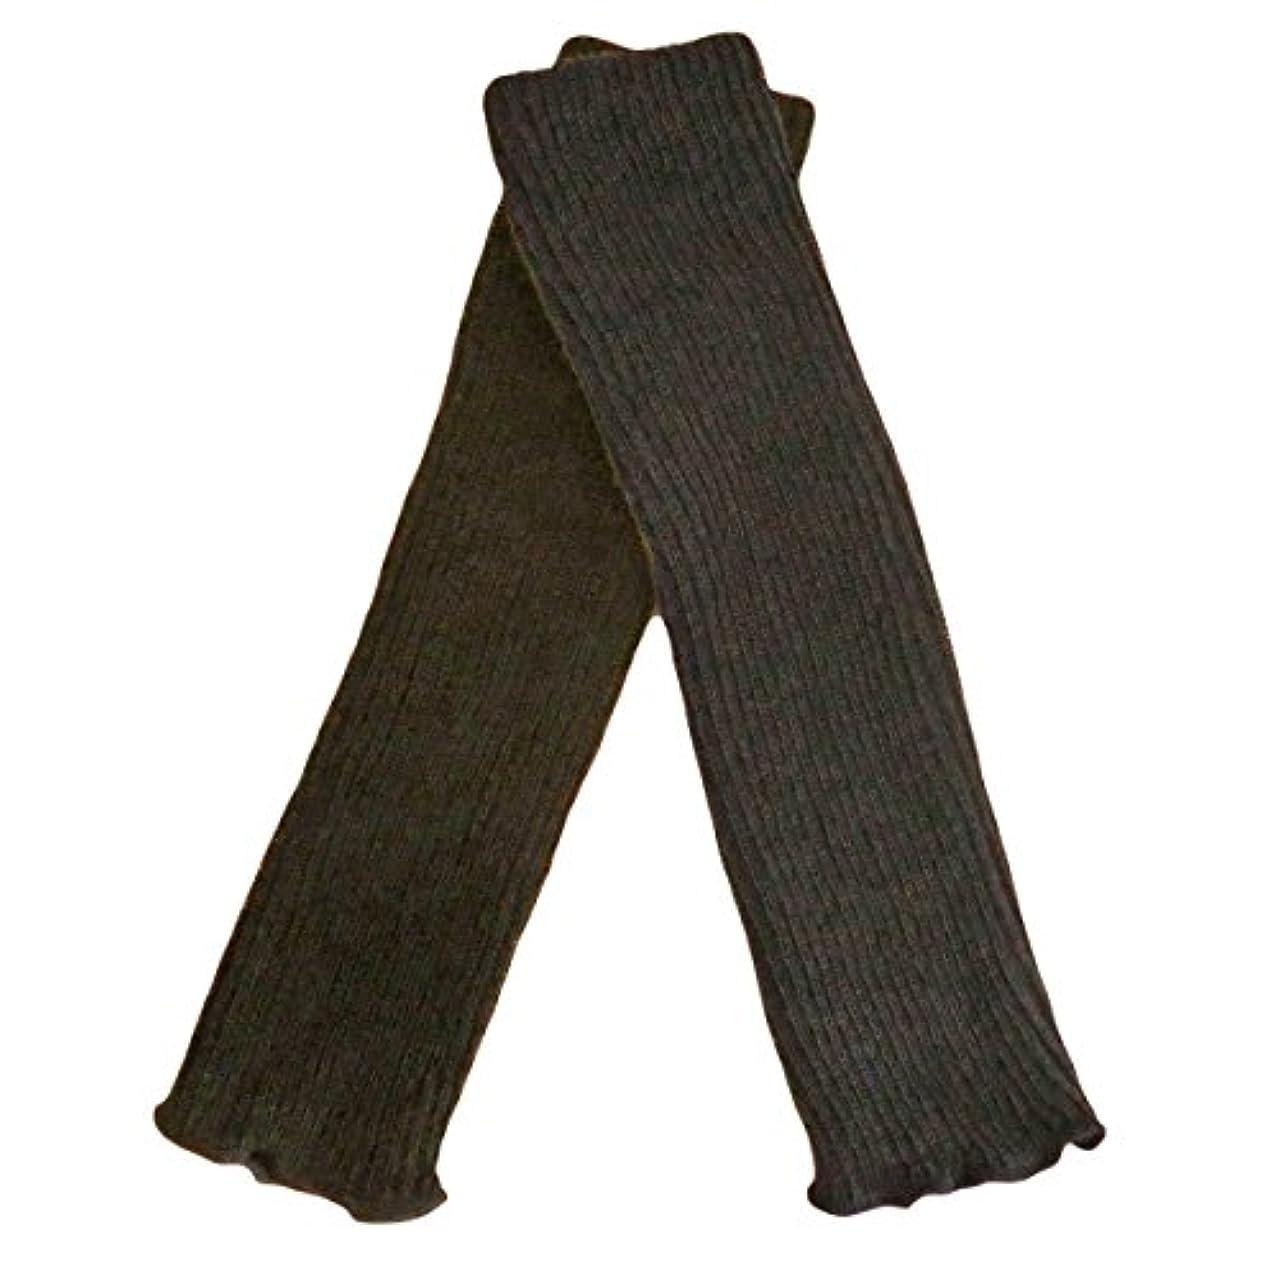 関連付ける繊毛競争力のあるシルクウール二重編みレッグウォーマー 内絹外毛の二重縫製があたたかい厚手レッグウォーマー (ブラウン)